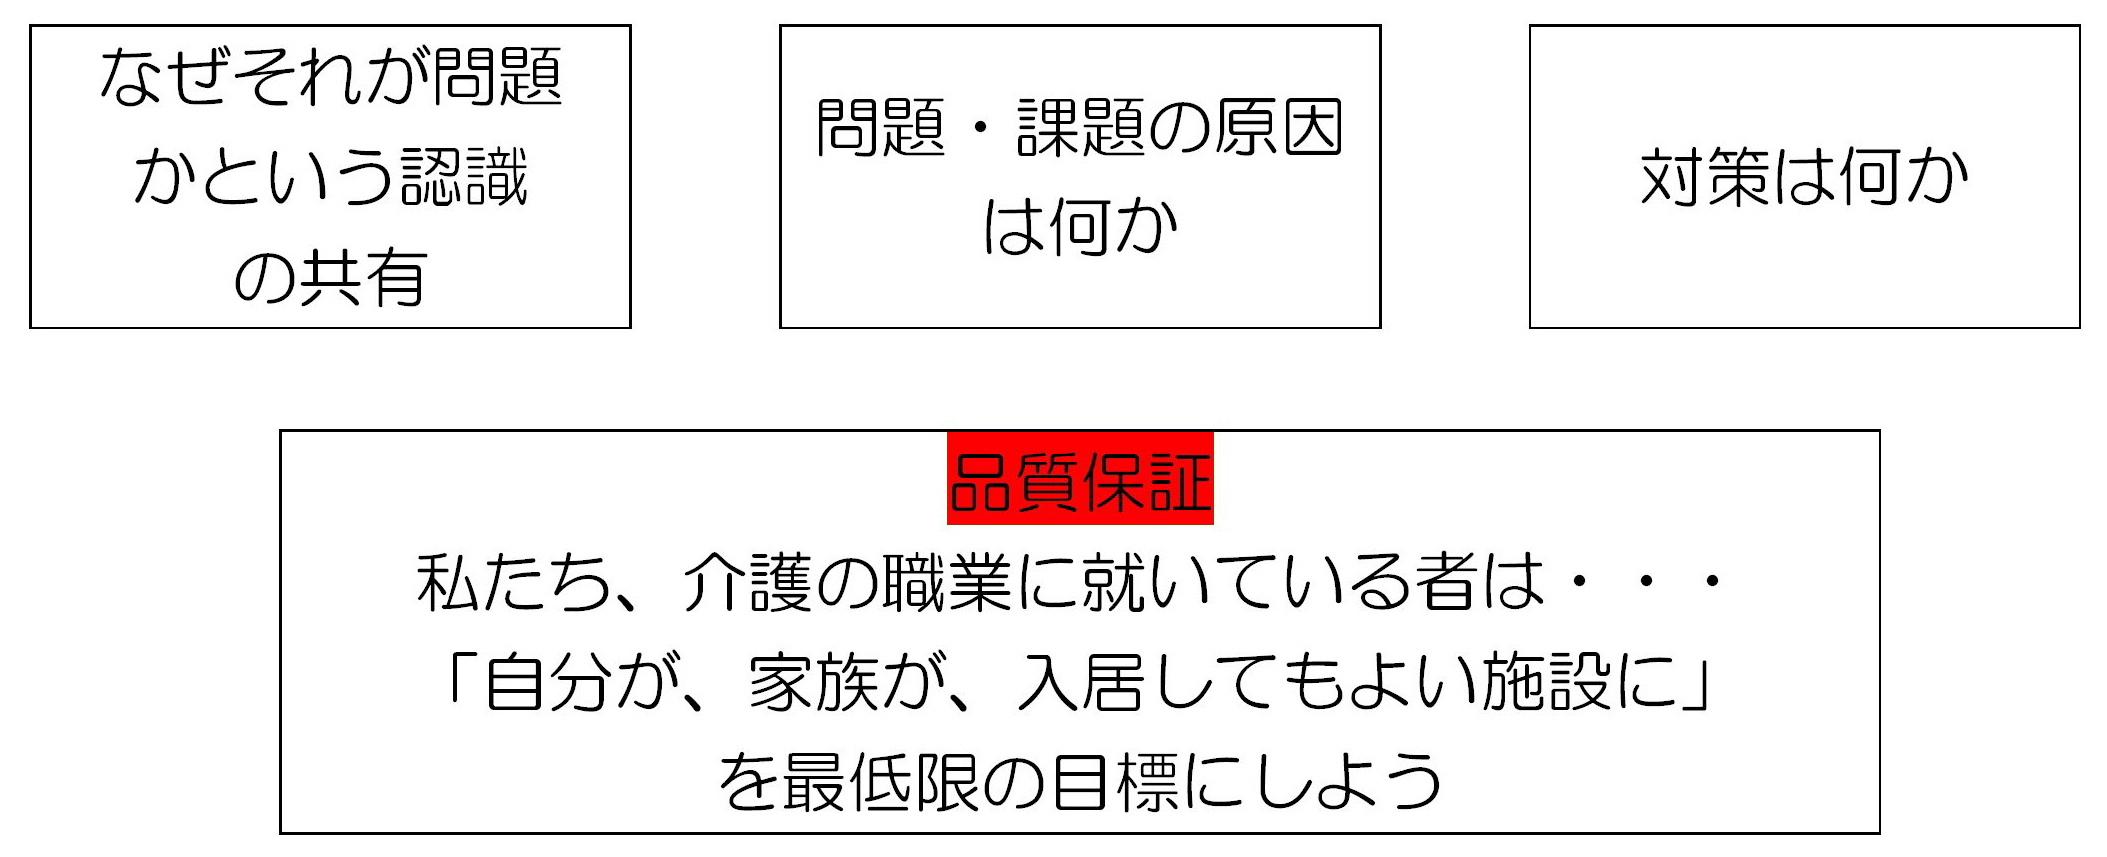 ユニットリーダー研修報告 第2弾_f0299108_15543985.jpg